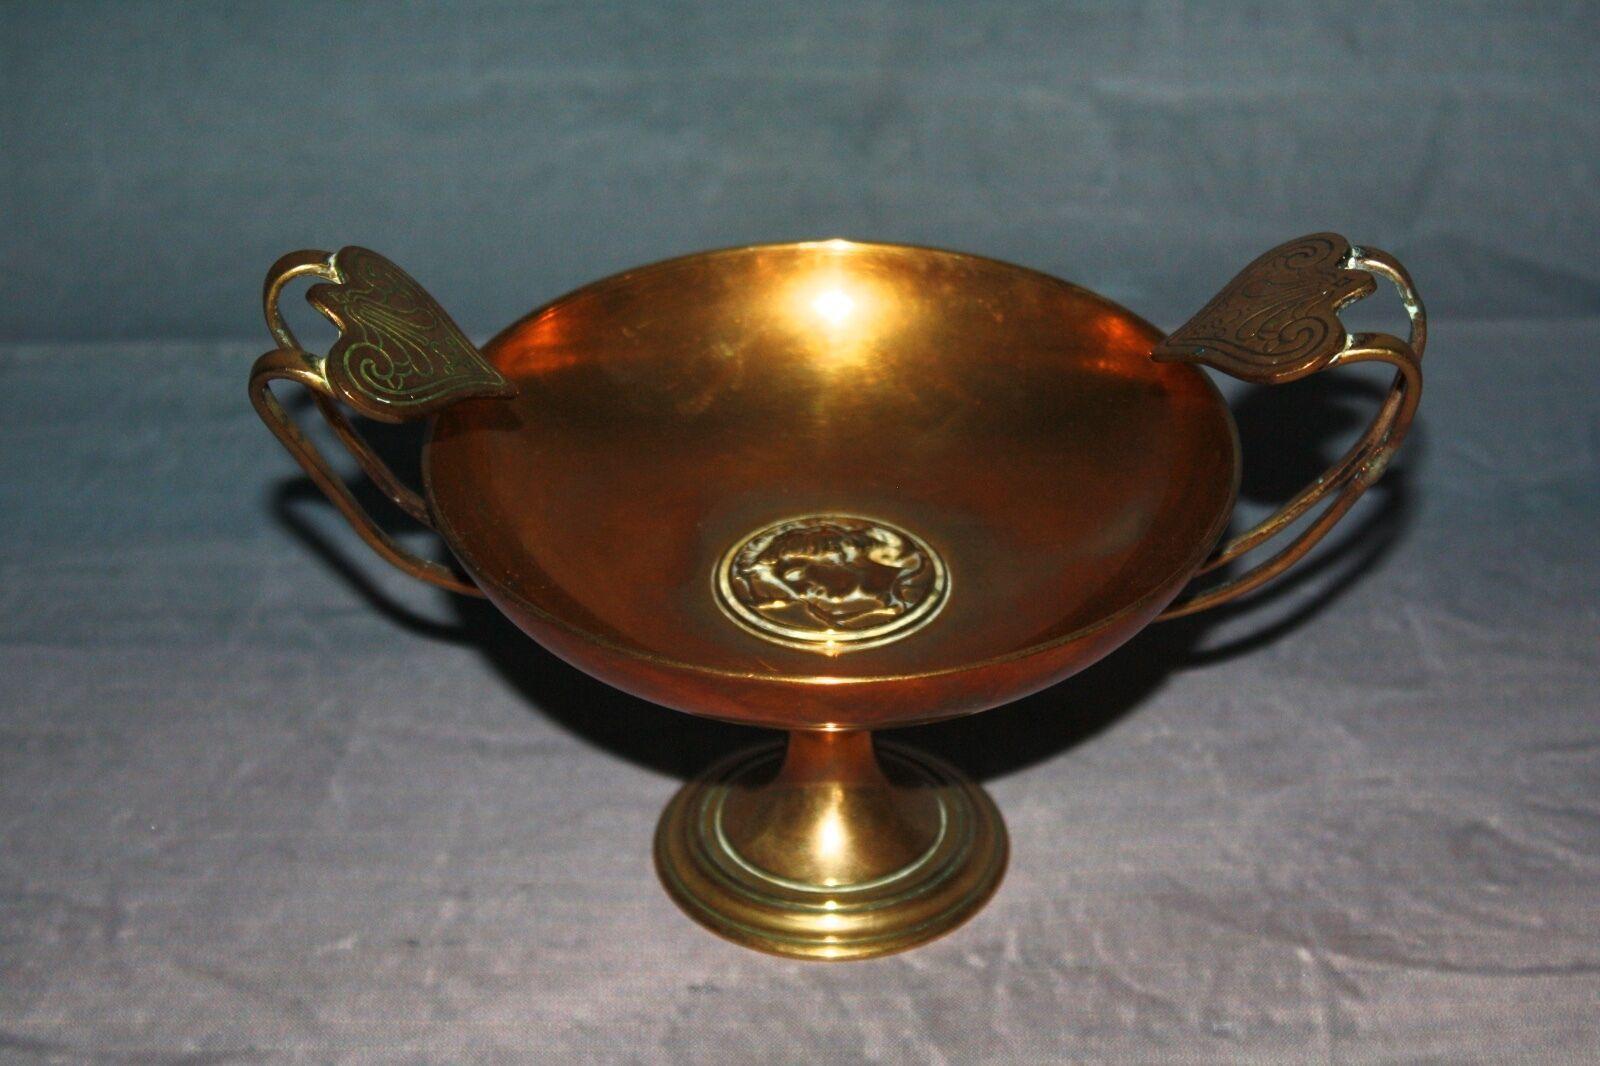 Coupe poche / vide poche Coupe piédouche en bronze dorée signée F.Barbedienne 21d40d